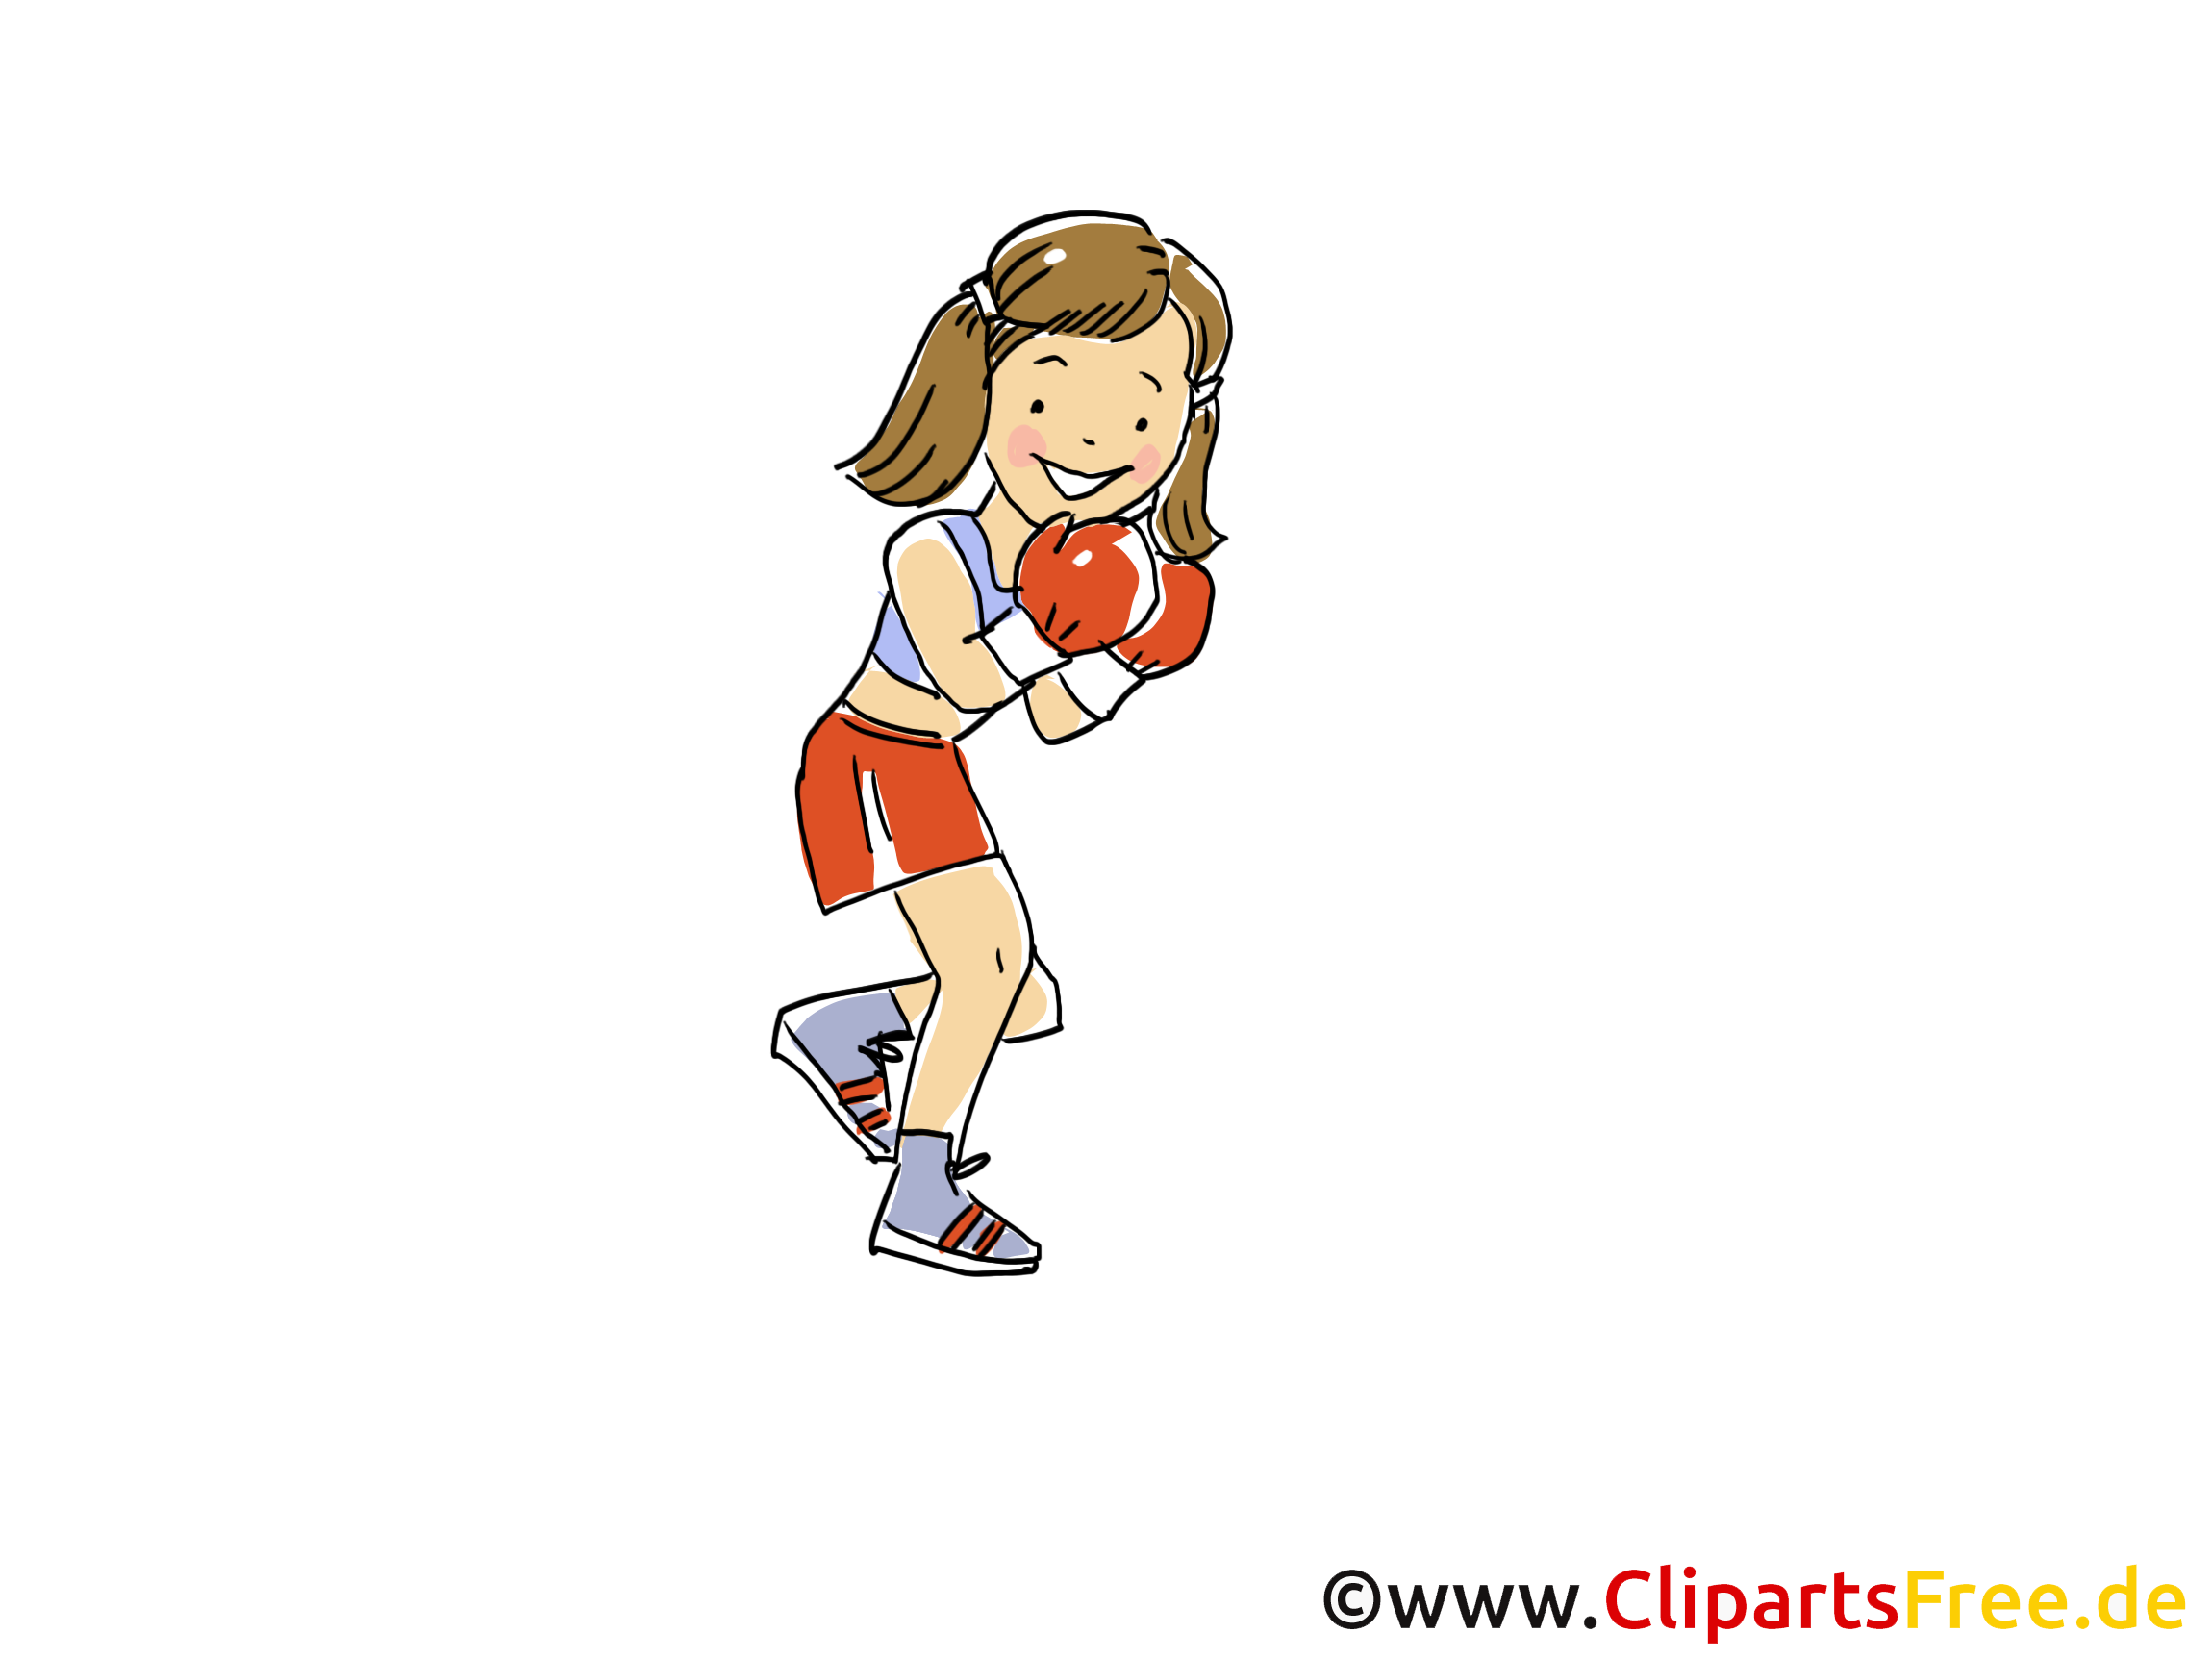 Boxeur dessin gratuit à télécharger